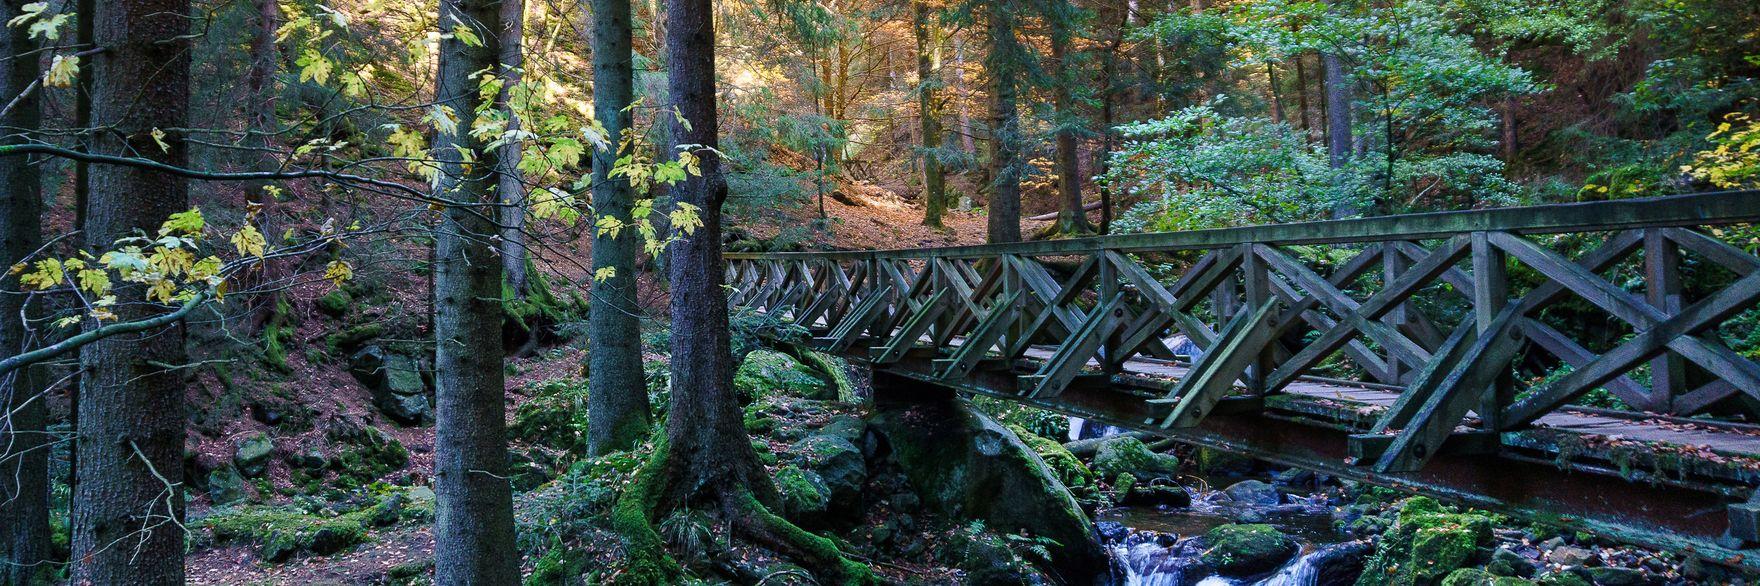 Gemütliche Spaziergänge durch die Zillertaler Wälder